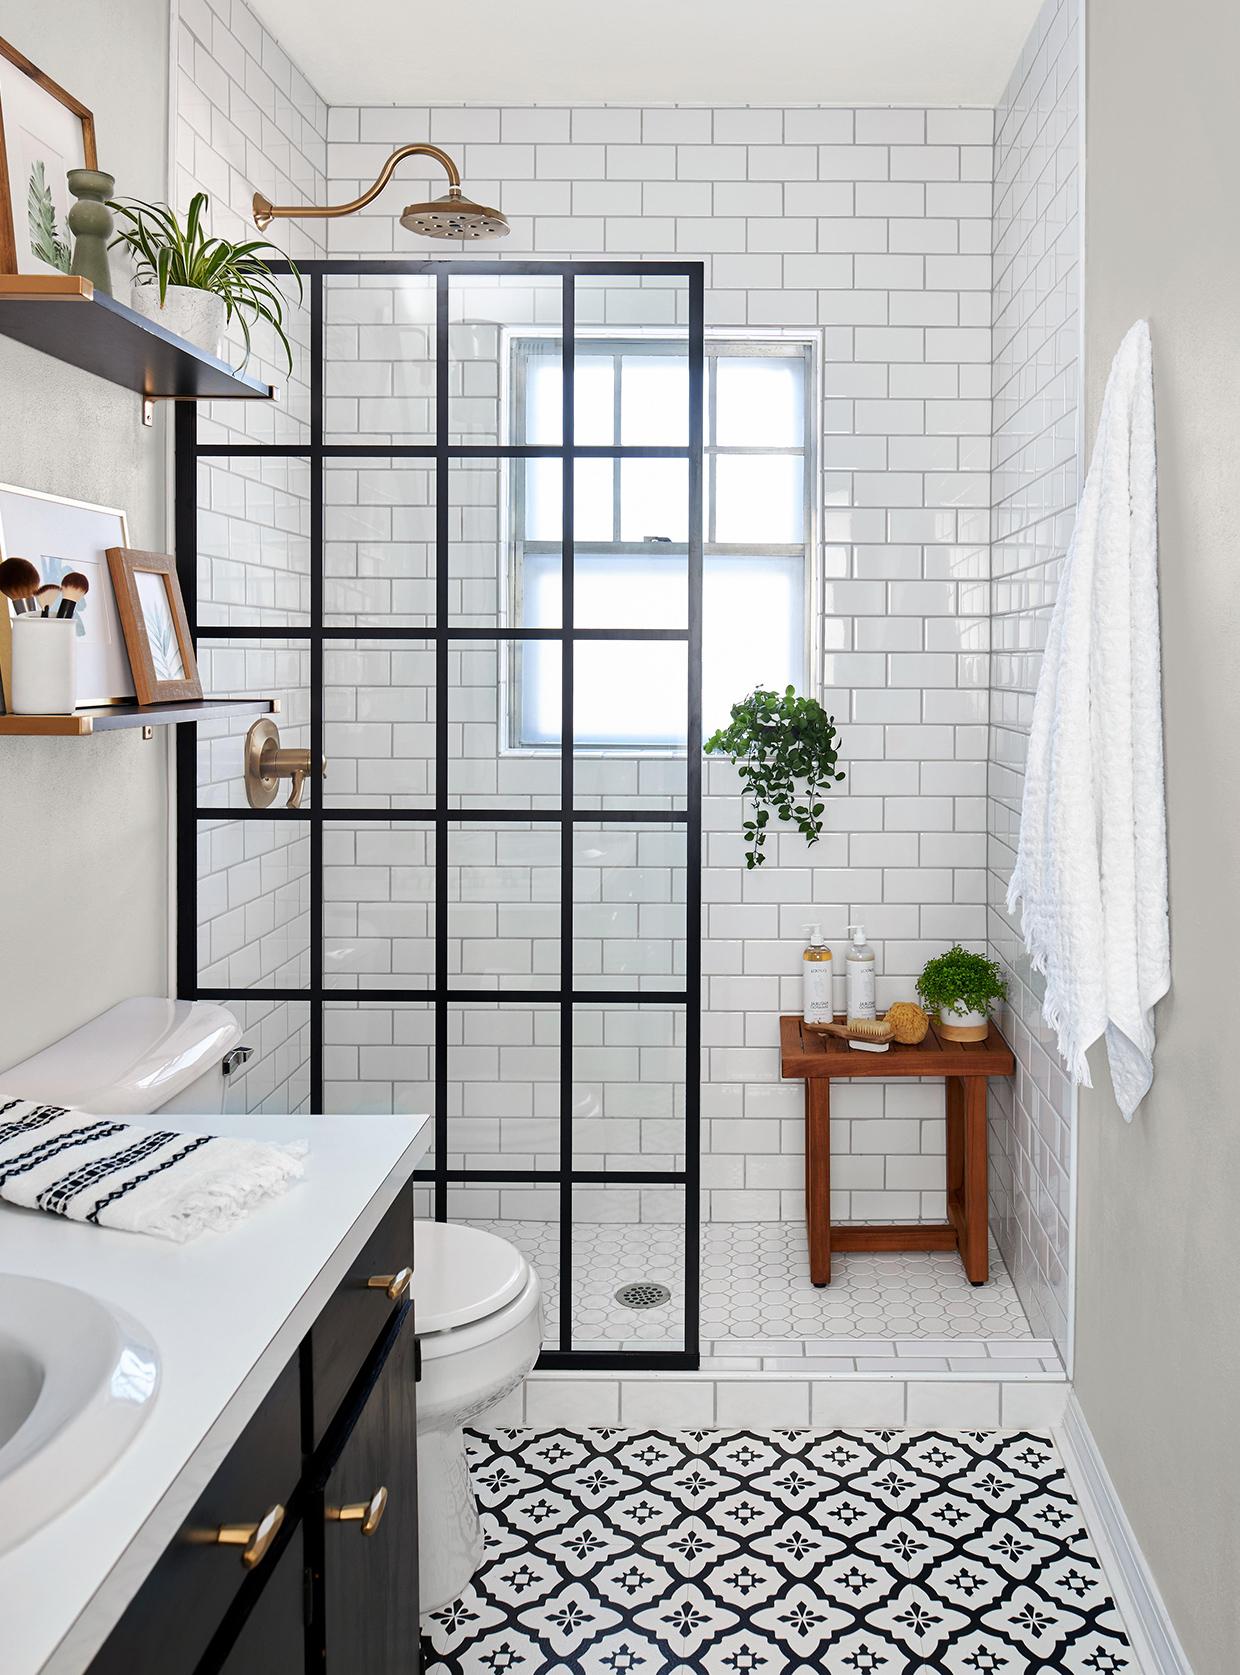 Rénovez votre salle de bains avec nos conseils utiles.